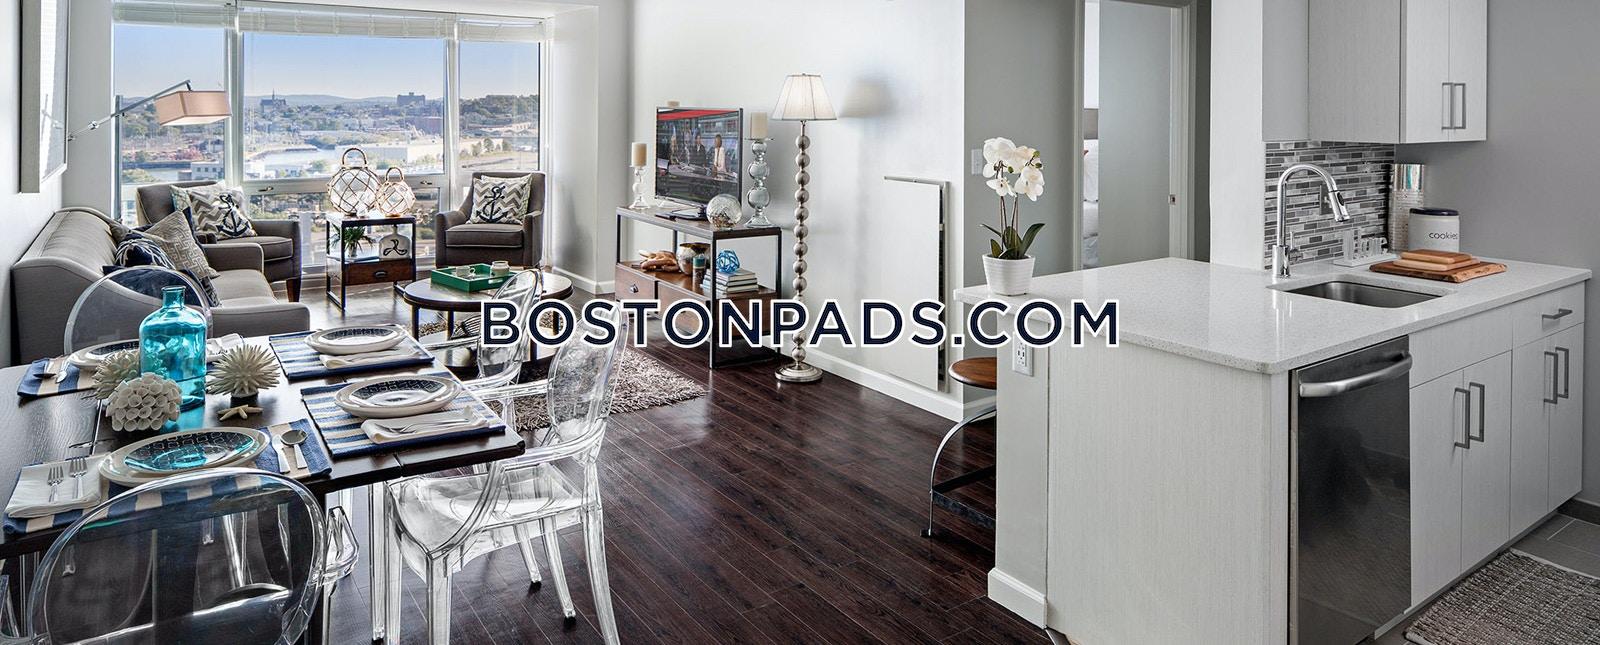 Park Ln. BOSTON - SEAPORT/WATERFRONT